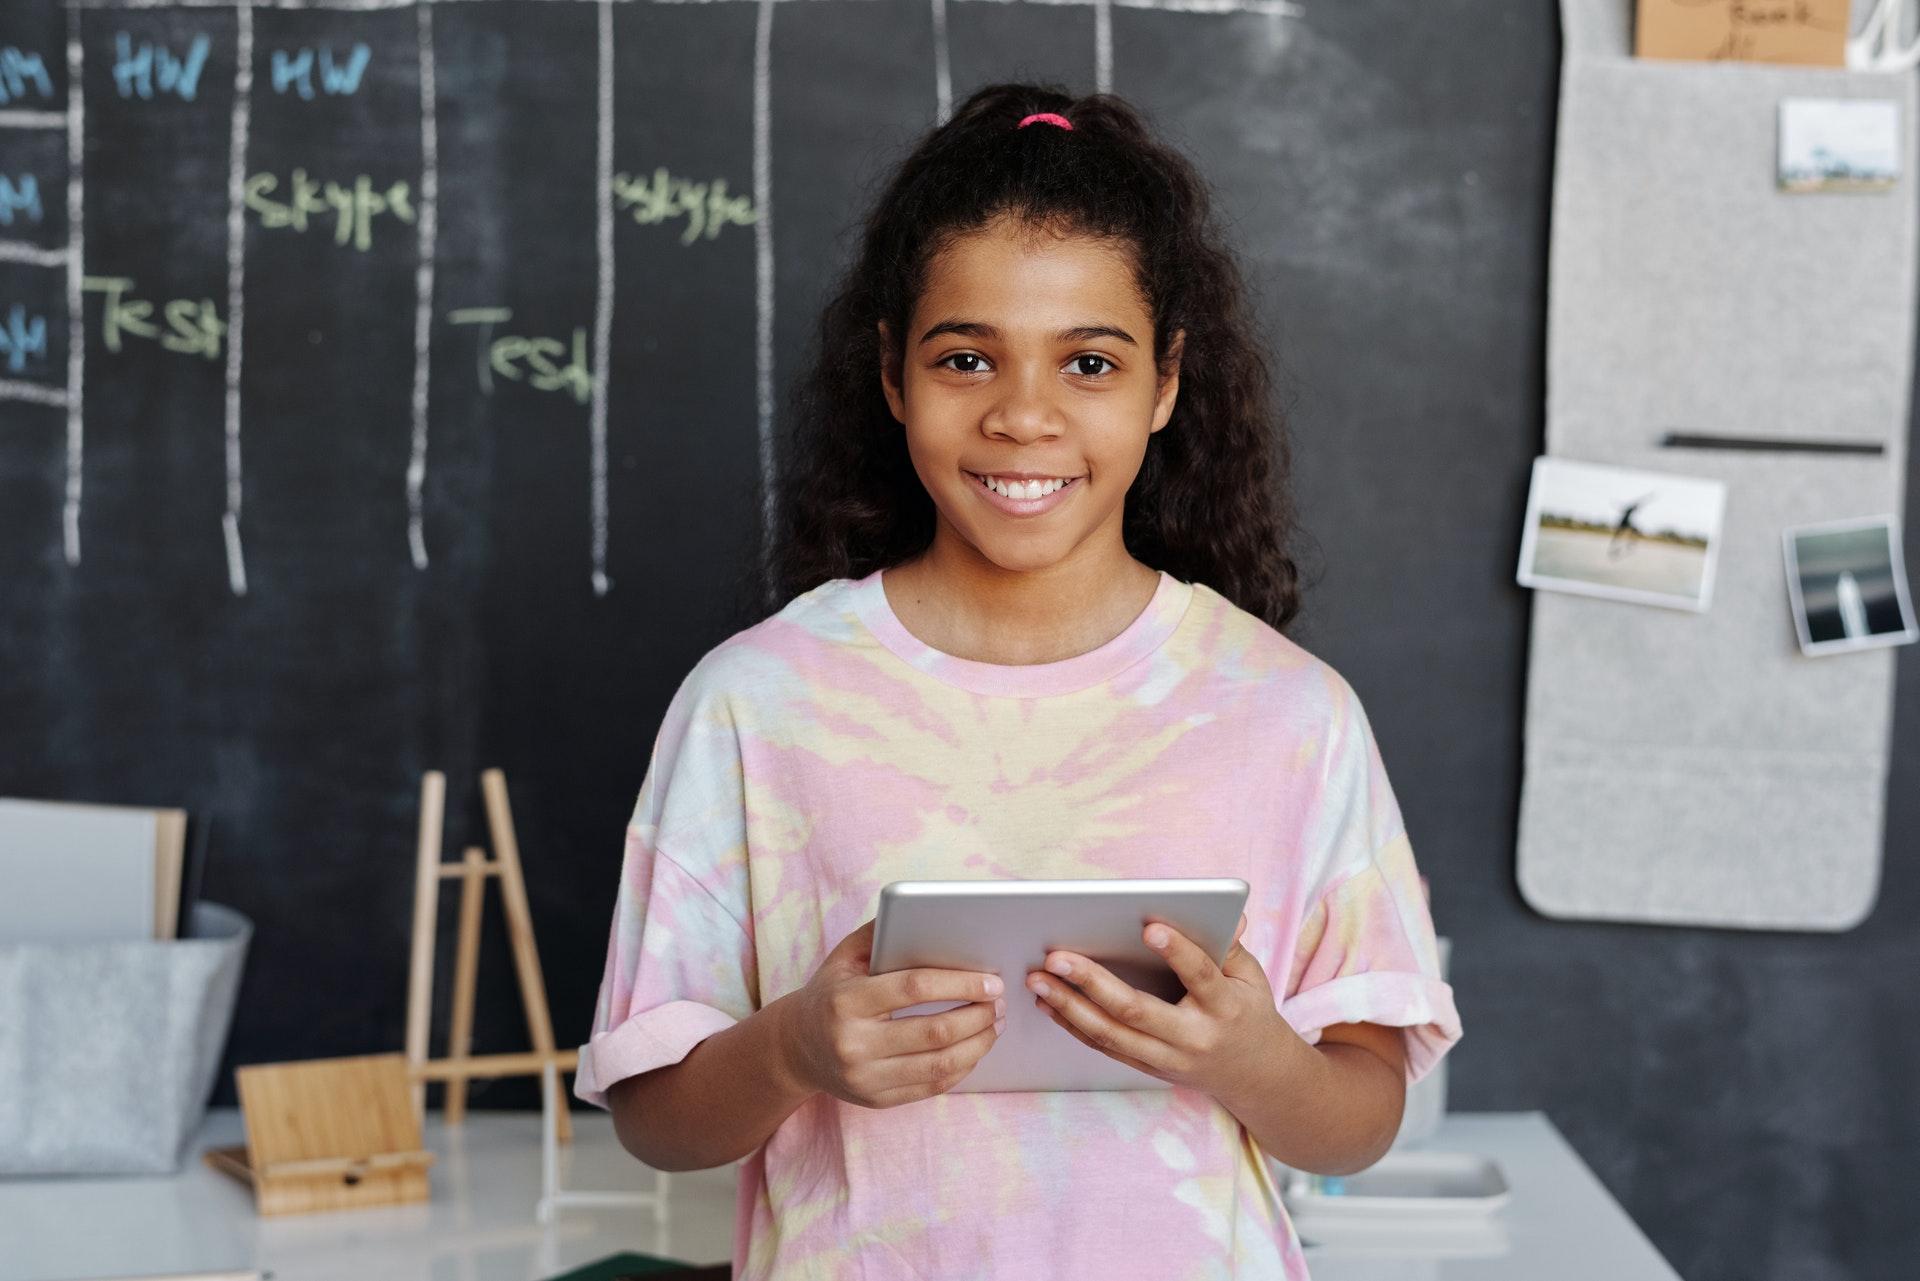 Ensino online se mostrou a melhor alternativa tanto para faculdades quanto para escolas